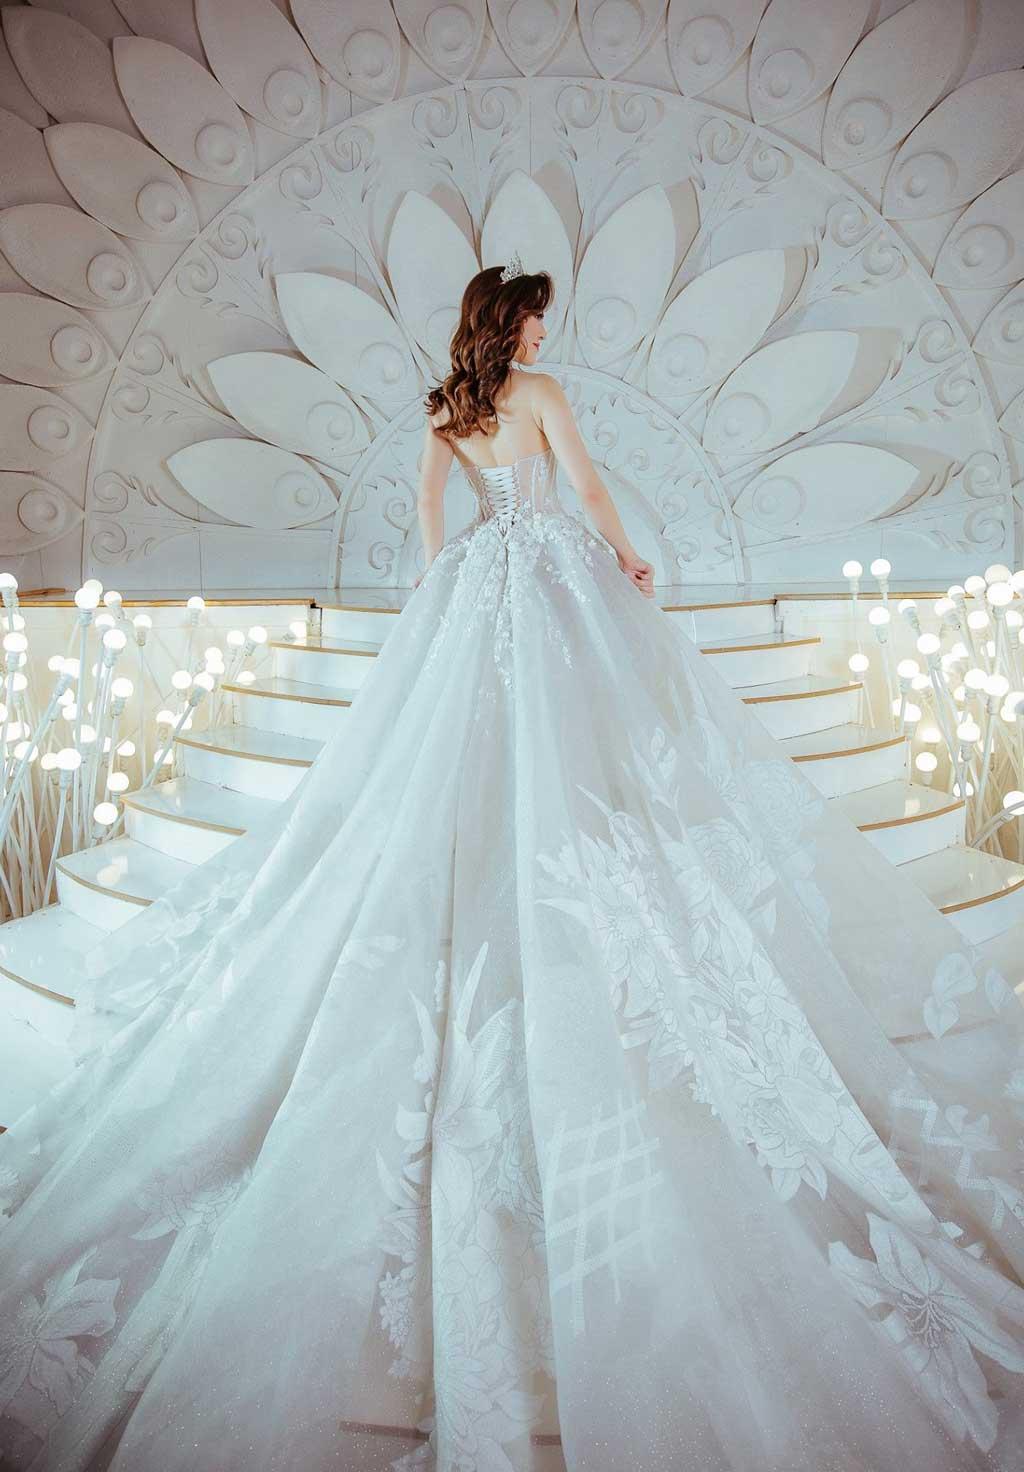 Kiểu áo cưới họa tiết hoa nổi phong cách cổ điển